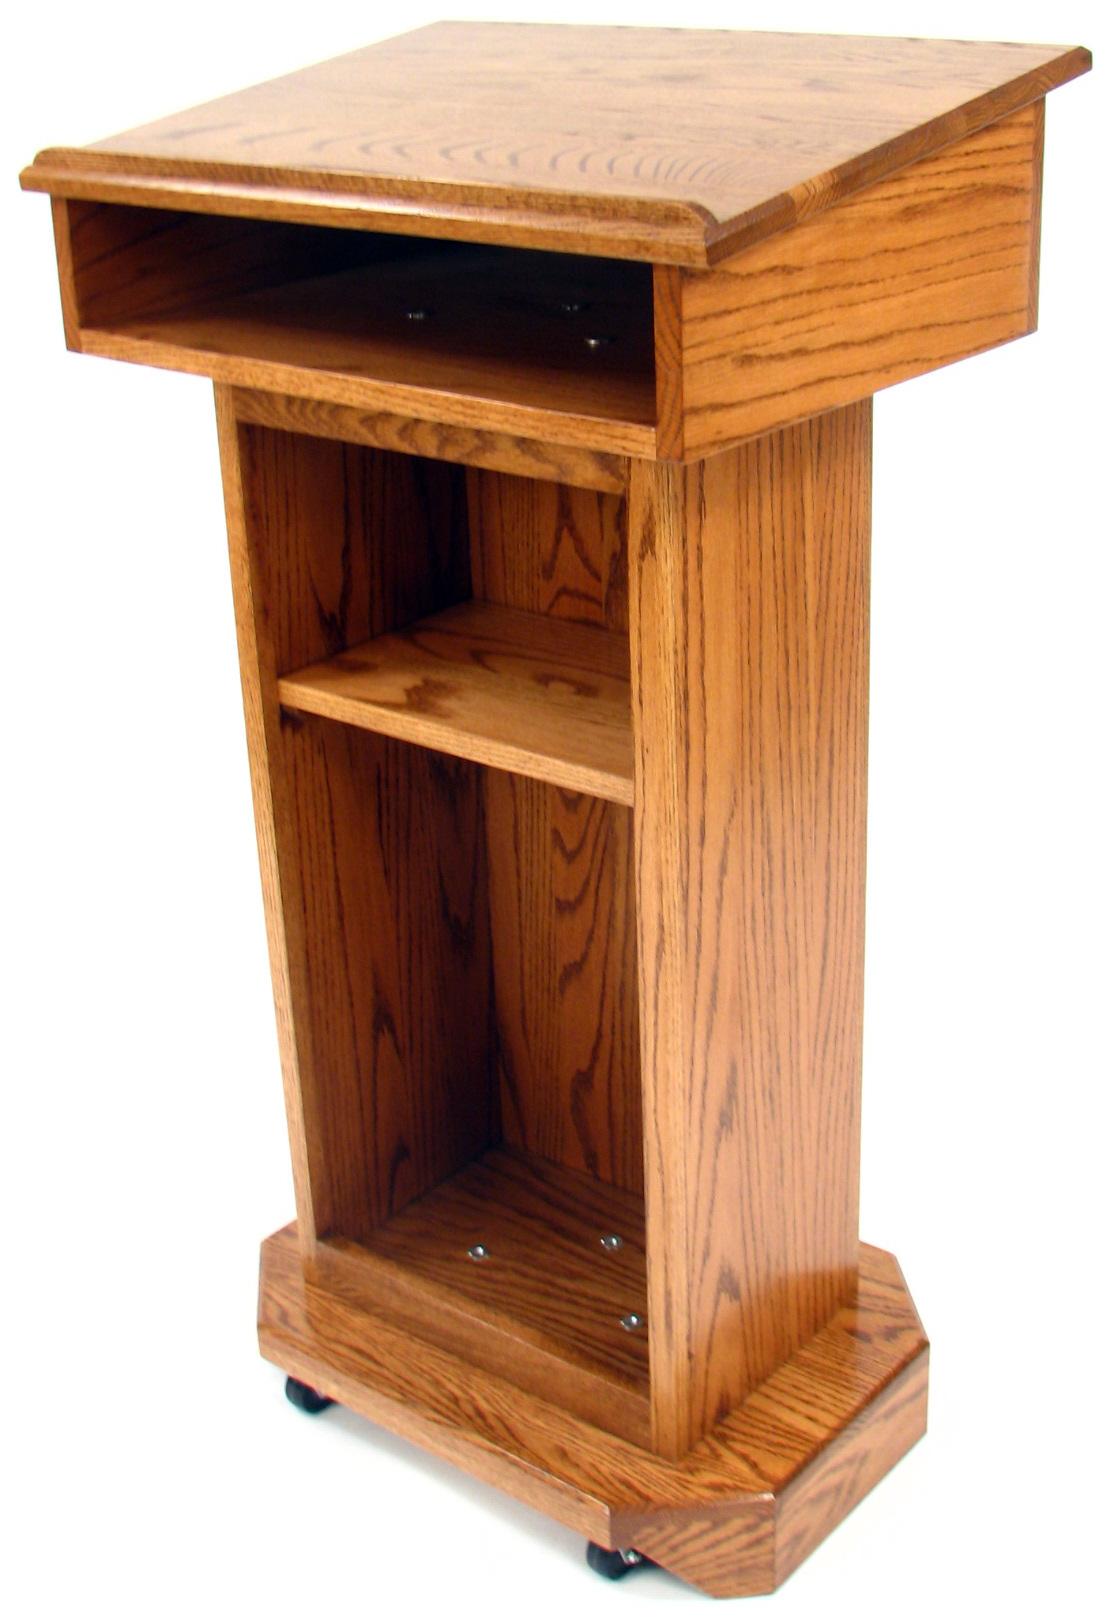 Executive wood senator red oak lectern medium finish